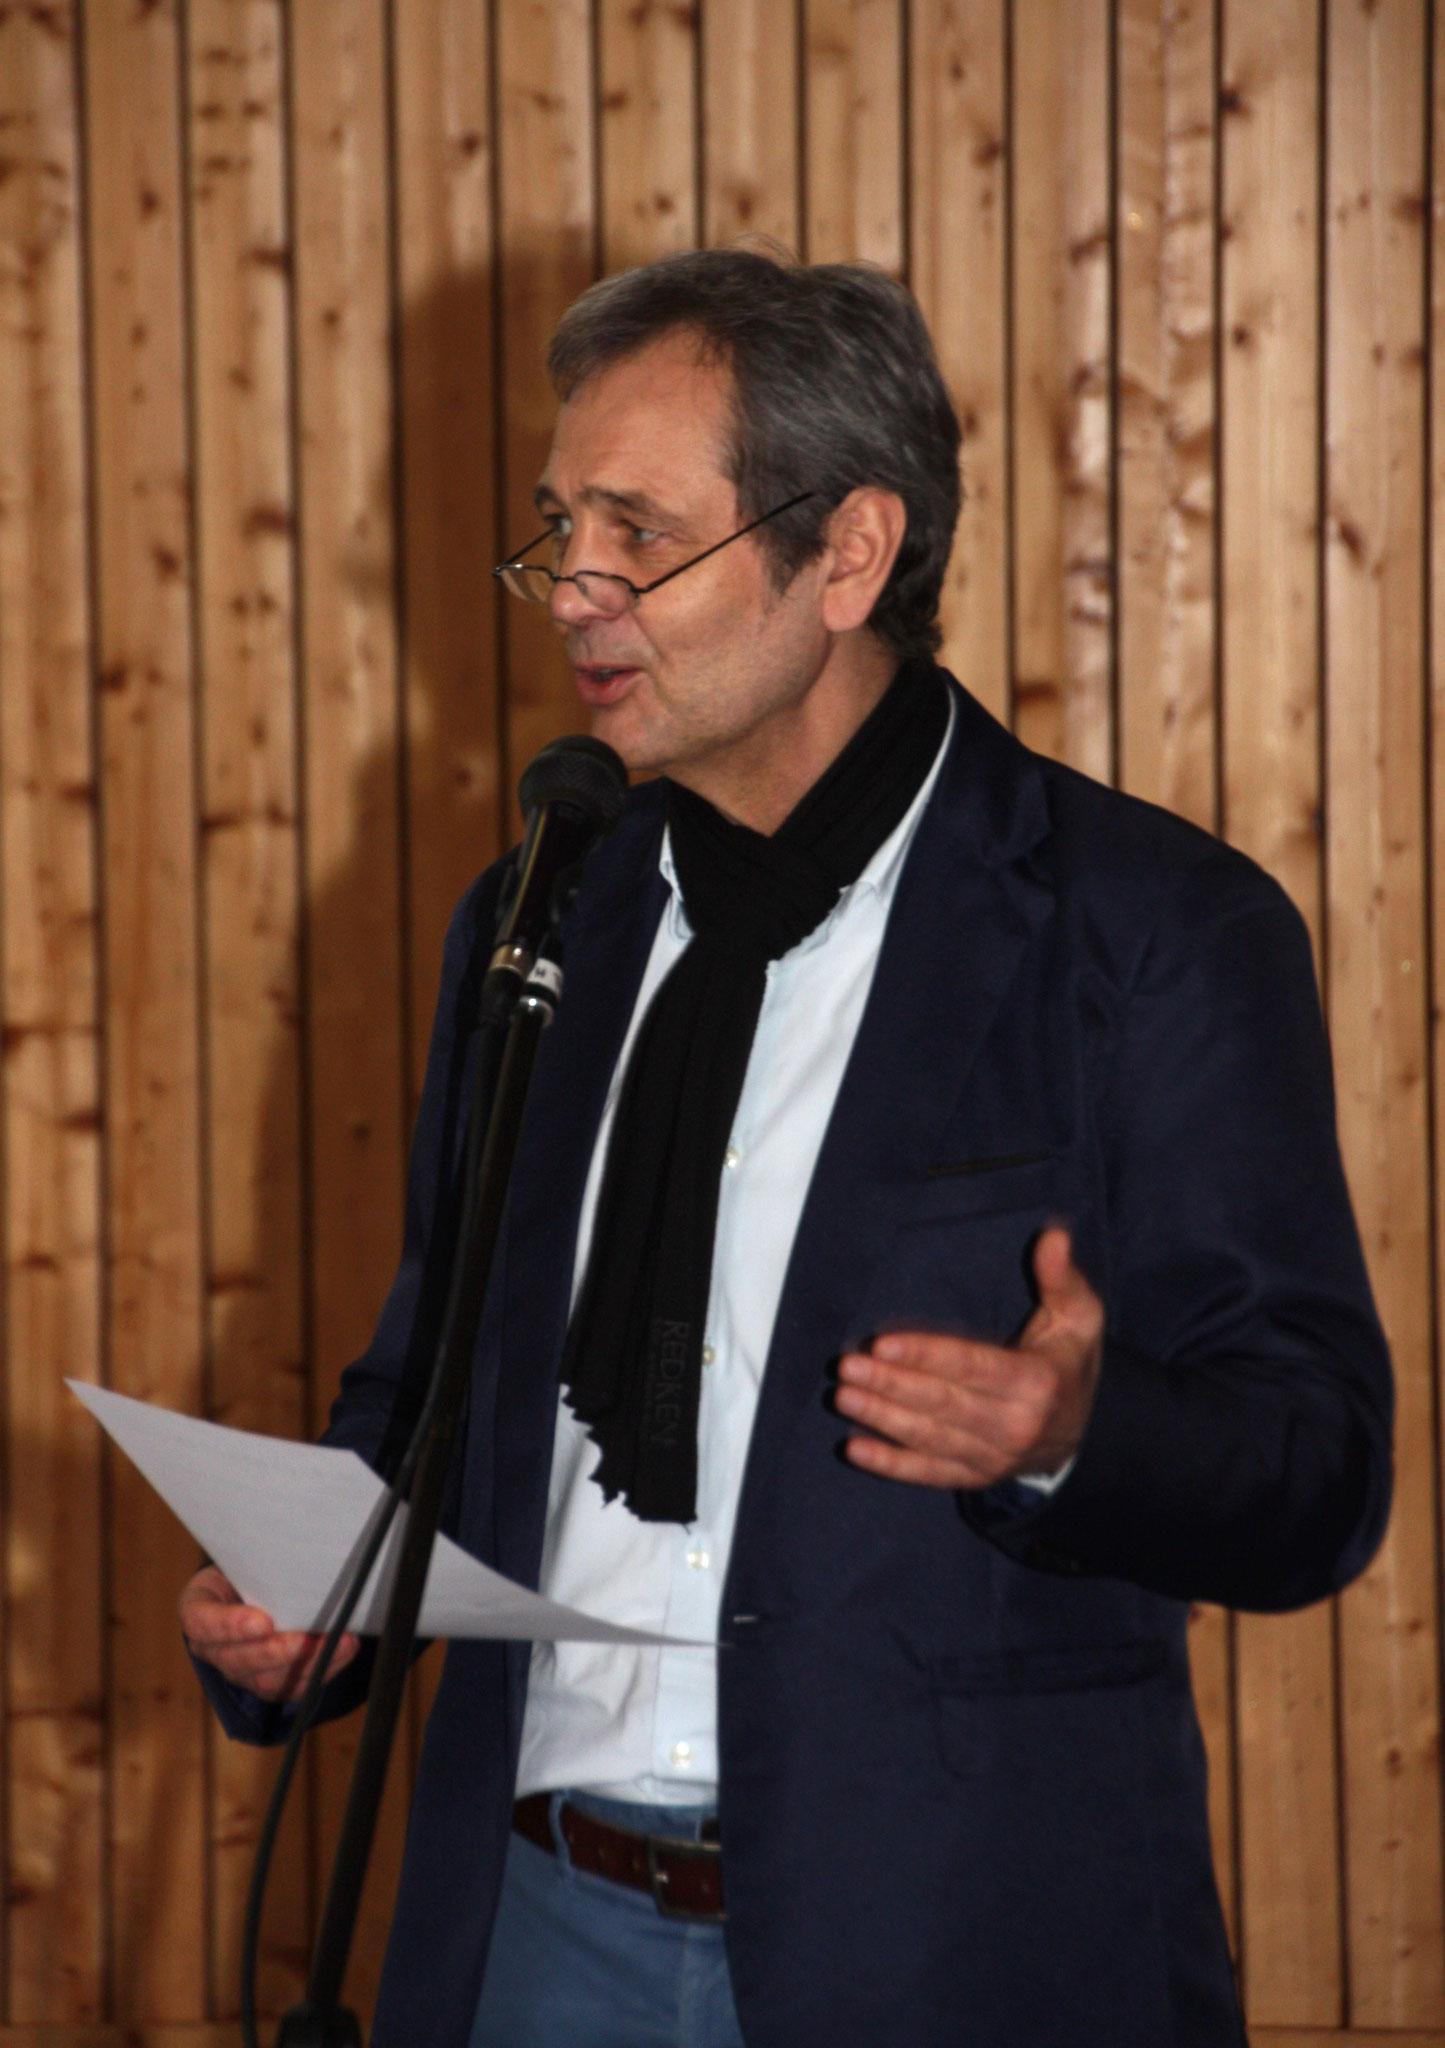 Prof. Andre Schmidt